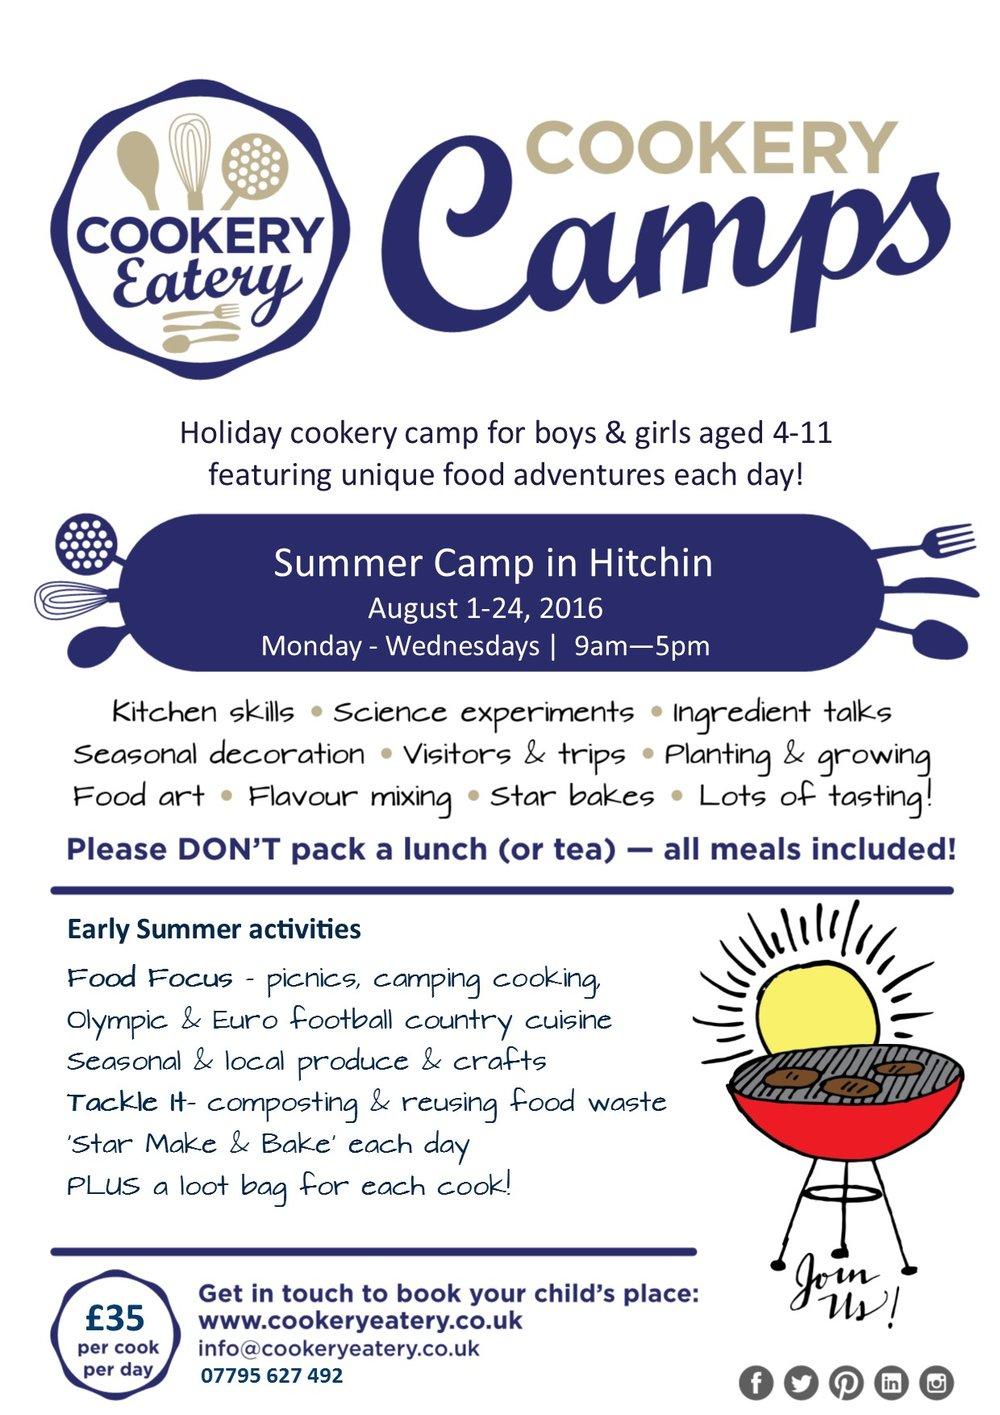 Cookery Camp.Summer 2016.Hitchin.FLYER.jpg